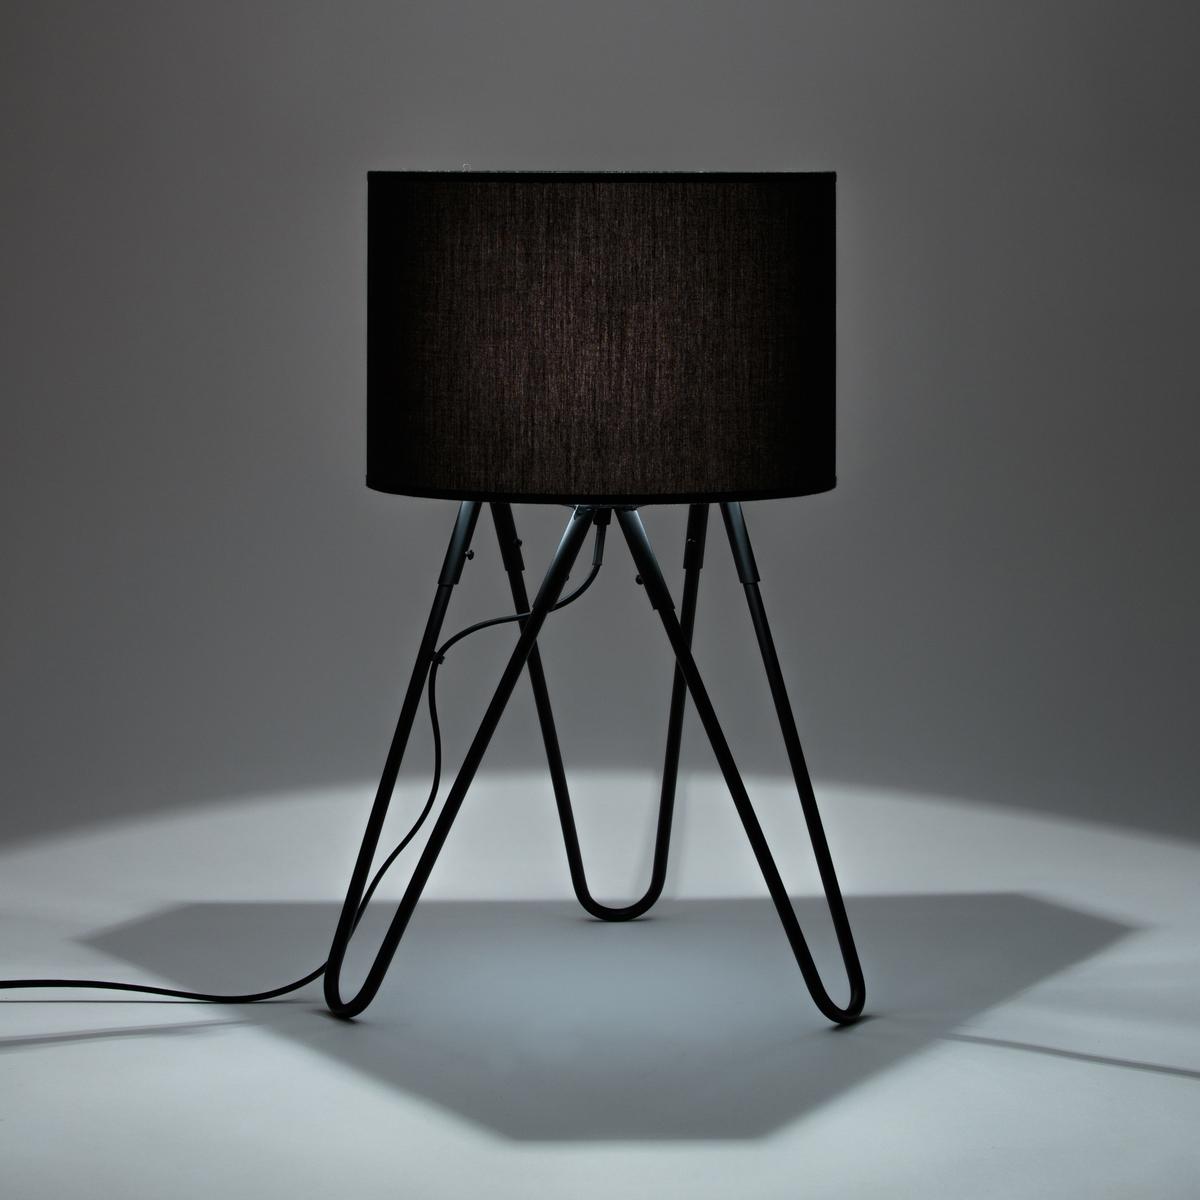 Подставка для лампы, WATFORDПодставка для лампы Watford . Подставка для лампы Watford оригинальной формы и дизайна покорит вас своим изящным внешним видом .Описание подставки Watford :Металл с эпоксидным покрытием черного цвета .Патрон E27 для флюокомпактной лампочки макс. 11 Вт( не входит в комплект)  . Класс A.Подставка для лампы продается без абажура, соответствующий абажур Falke ?30 см можно найти на сайте laredoute.ru.Найдите всю коллекцию светильников на сайте laredoute  .ru.Размеры подставки Watford :Общие размеры Ширина : 35 смВысота : 40 см. Глубина : 35 см<br><br>Цвет: черный